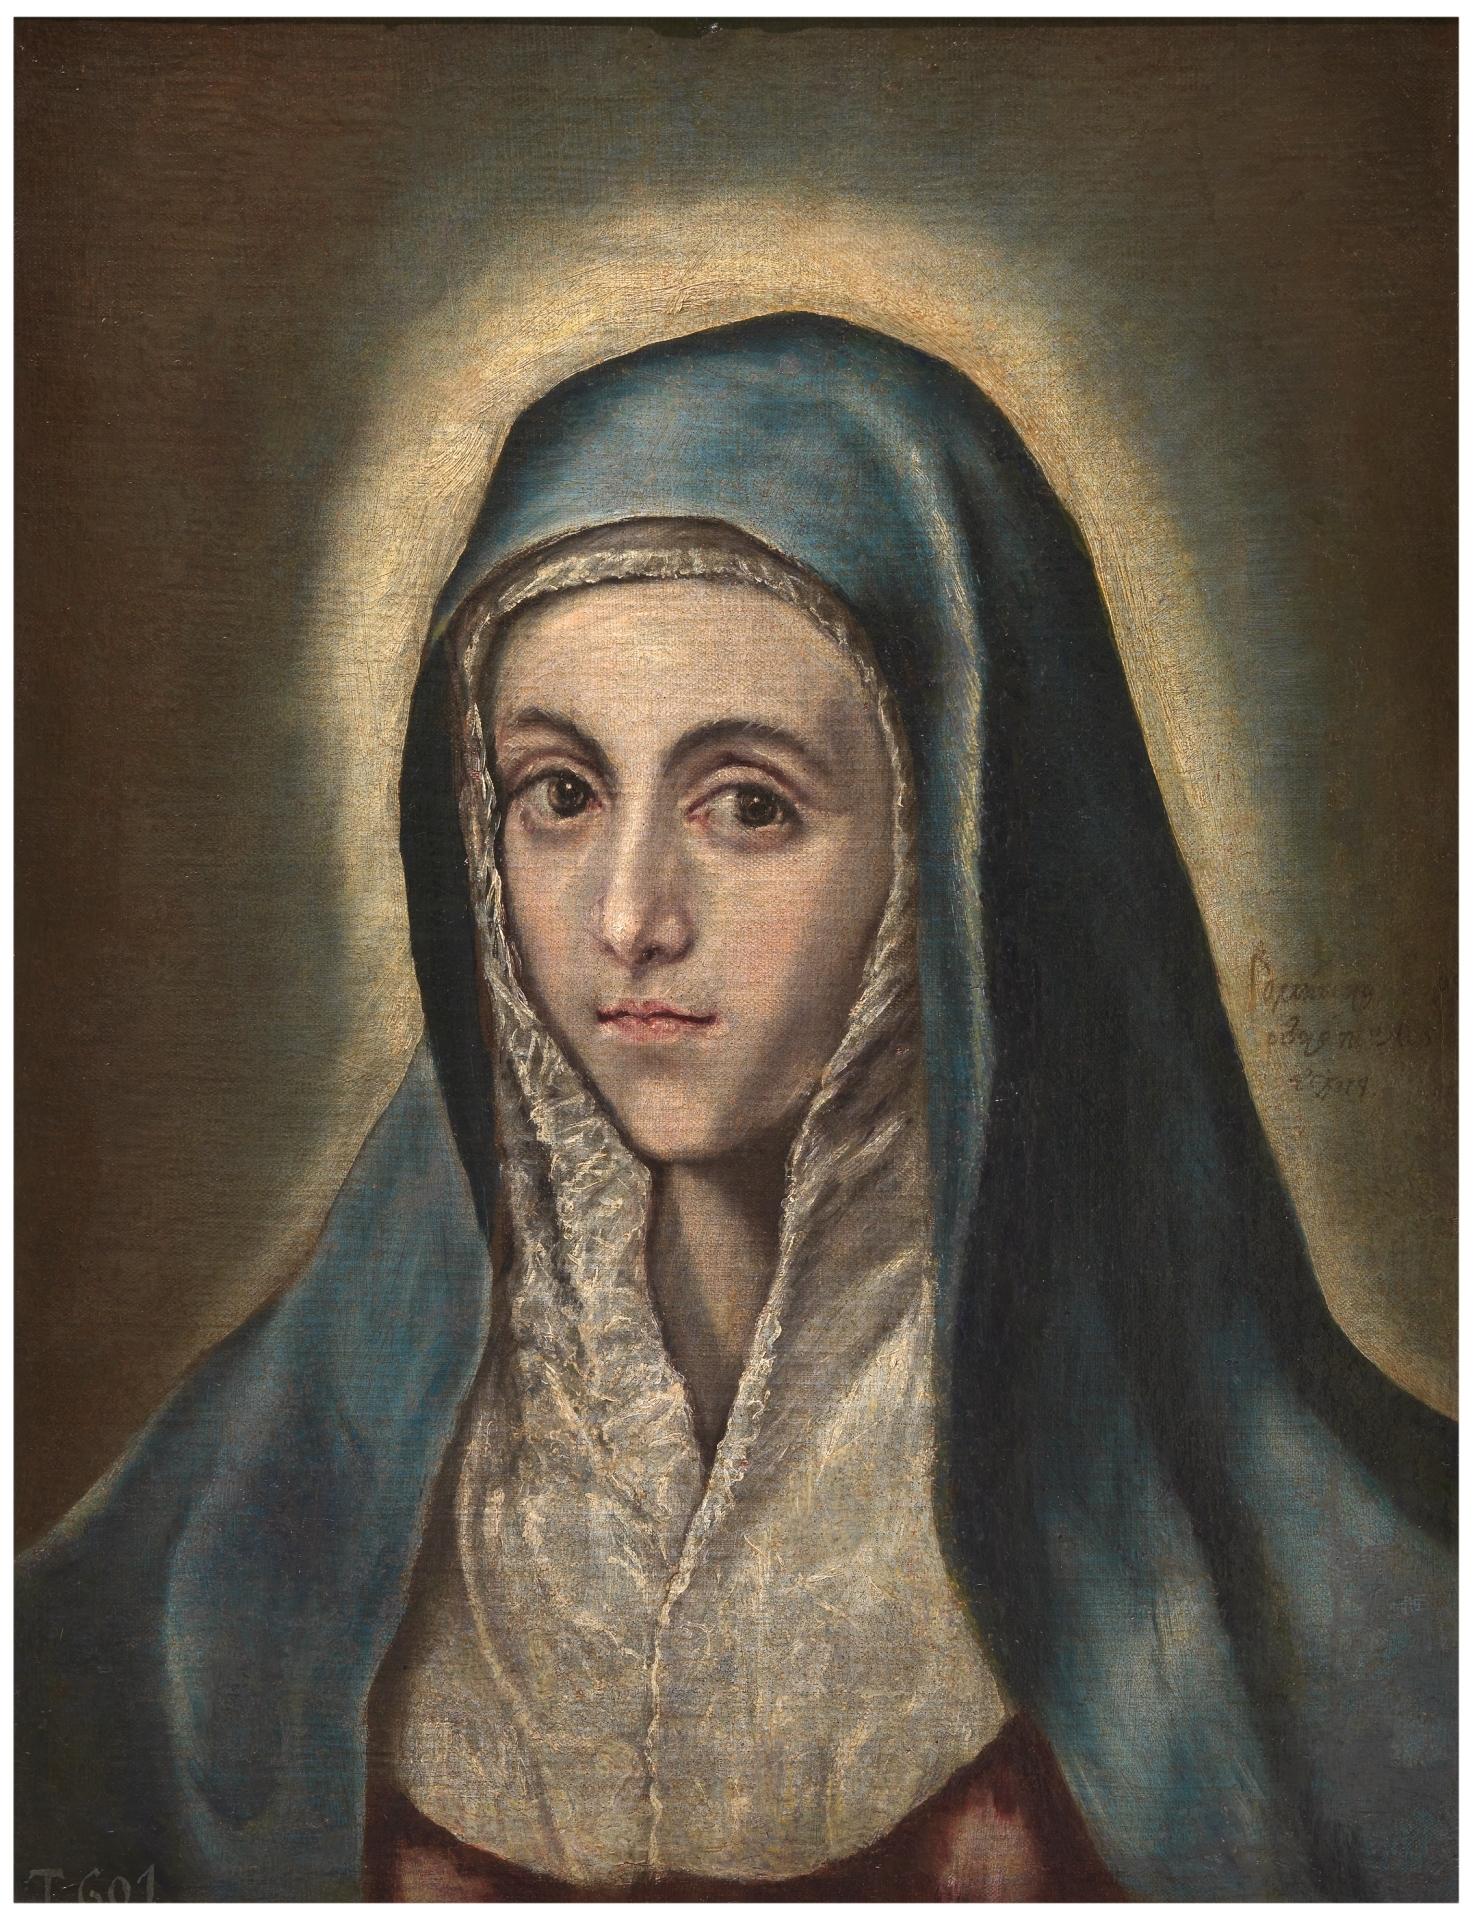 La Virgen María - Colección - Museo Nacional del Prado